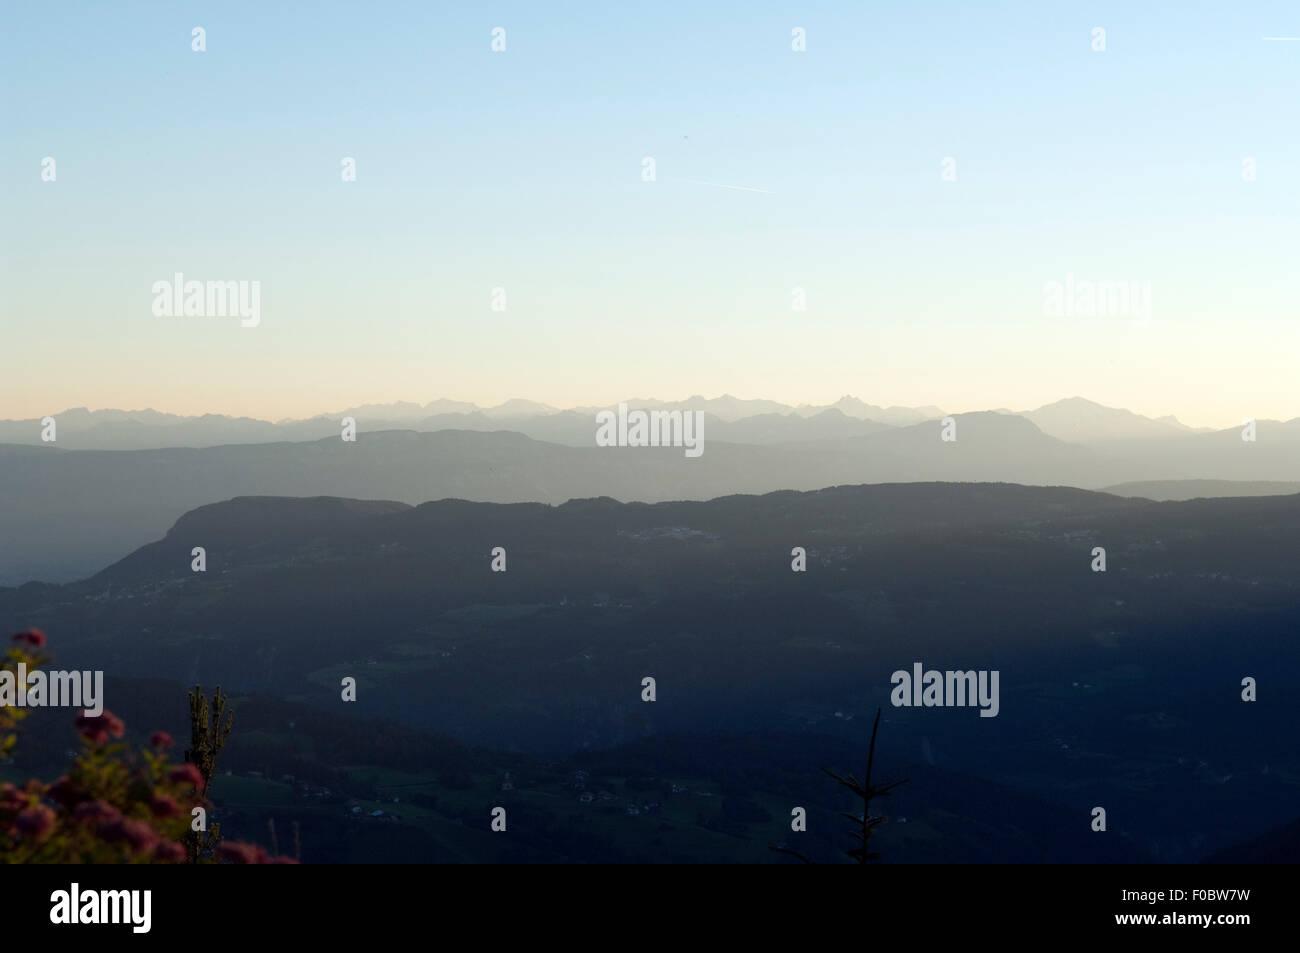 Bergprofil, Abend, werden, Profil, Ötztaler; Alpen; Seiser; Alm; Blick, Zillertaler Stockbild